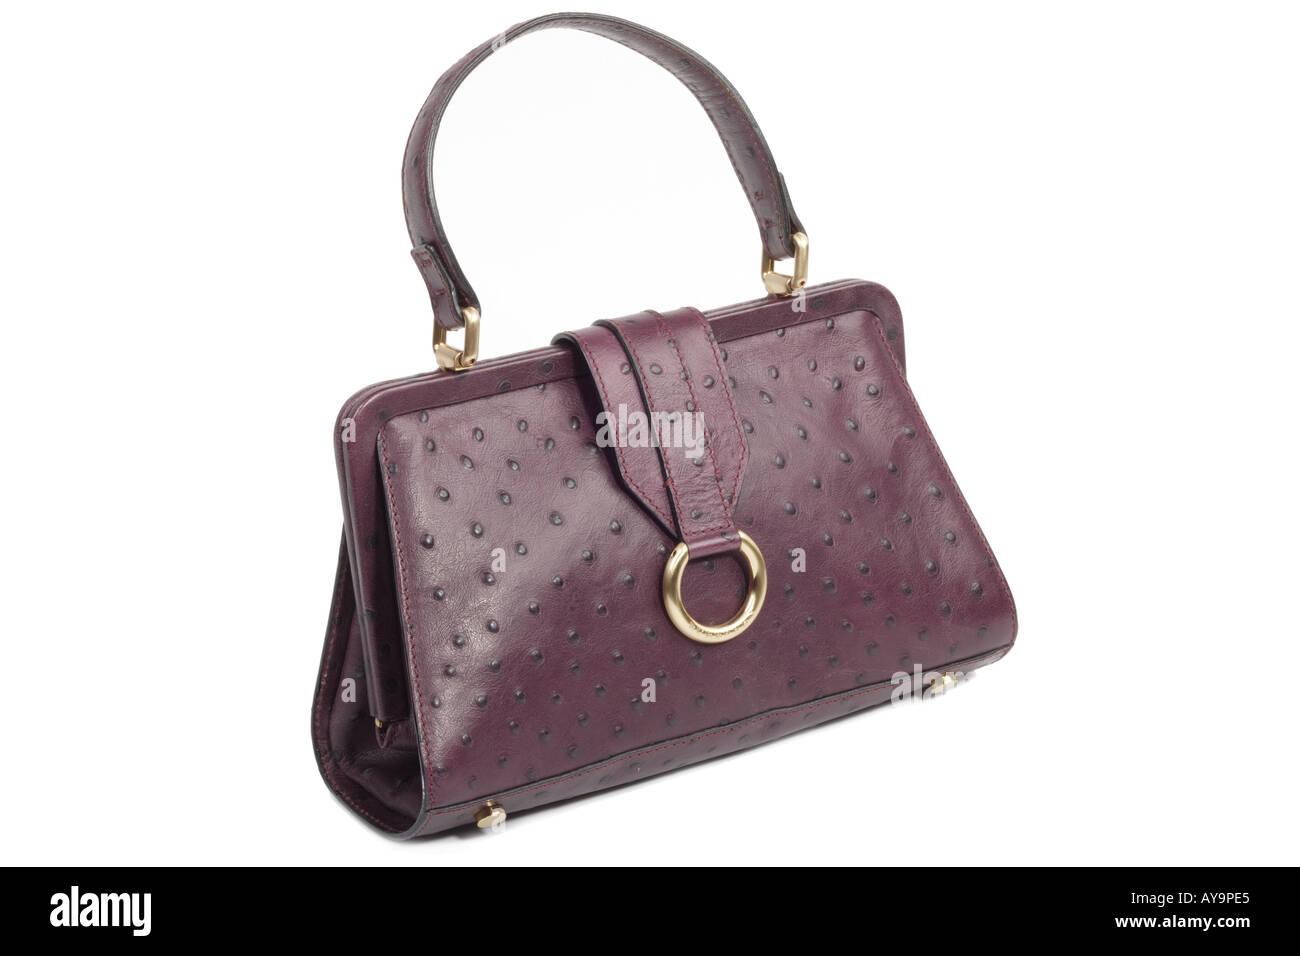 3c995887f0 Burberry Handbag Stock Photos & Burberry Handbag Stock Images - Alamy